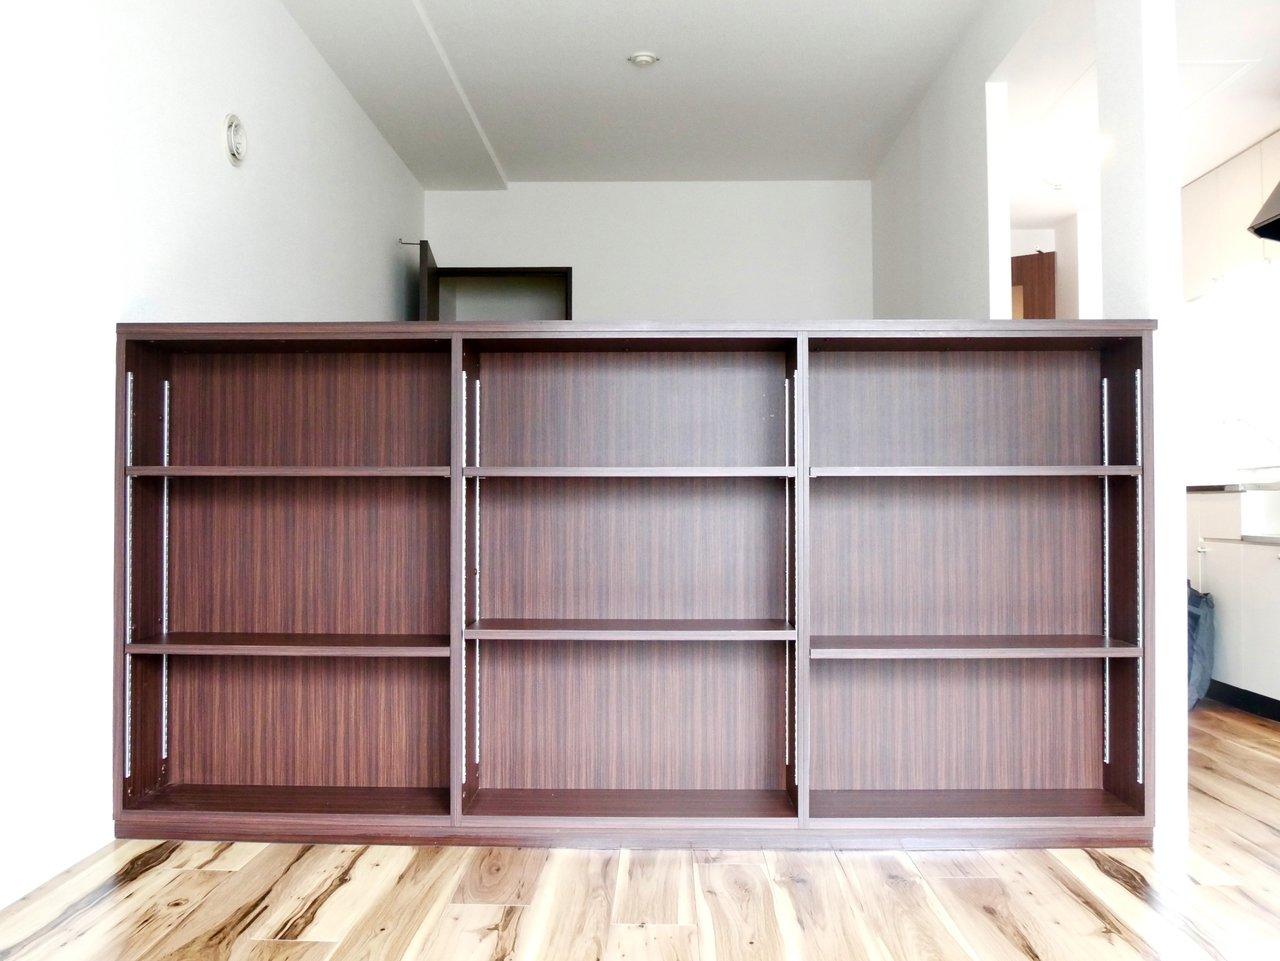 その二つのスぺ―スを分けているのがこの広々とした棚!飾り棚にしたり、本棚にしたり。センスが問われるけれど、遠慮せず自分の個性を思いっきり出してしまいましょう。